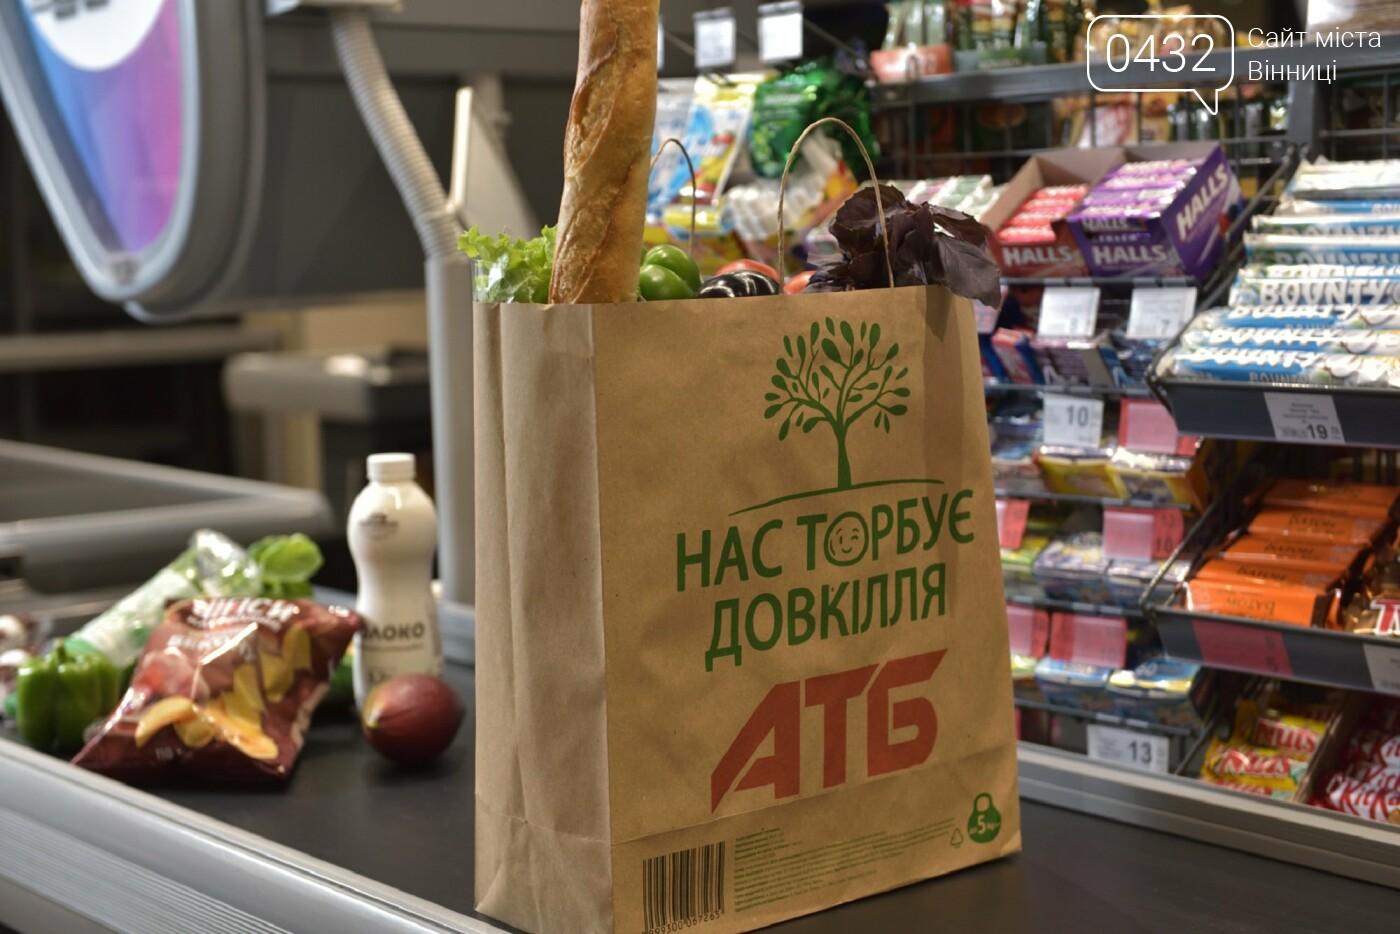 Как в 2021 году «АТБ» наполняет бюджет, расширяет сеть и обеспечивает украинцев самыми свежими продуктами по доступным ценам , фото-2